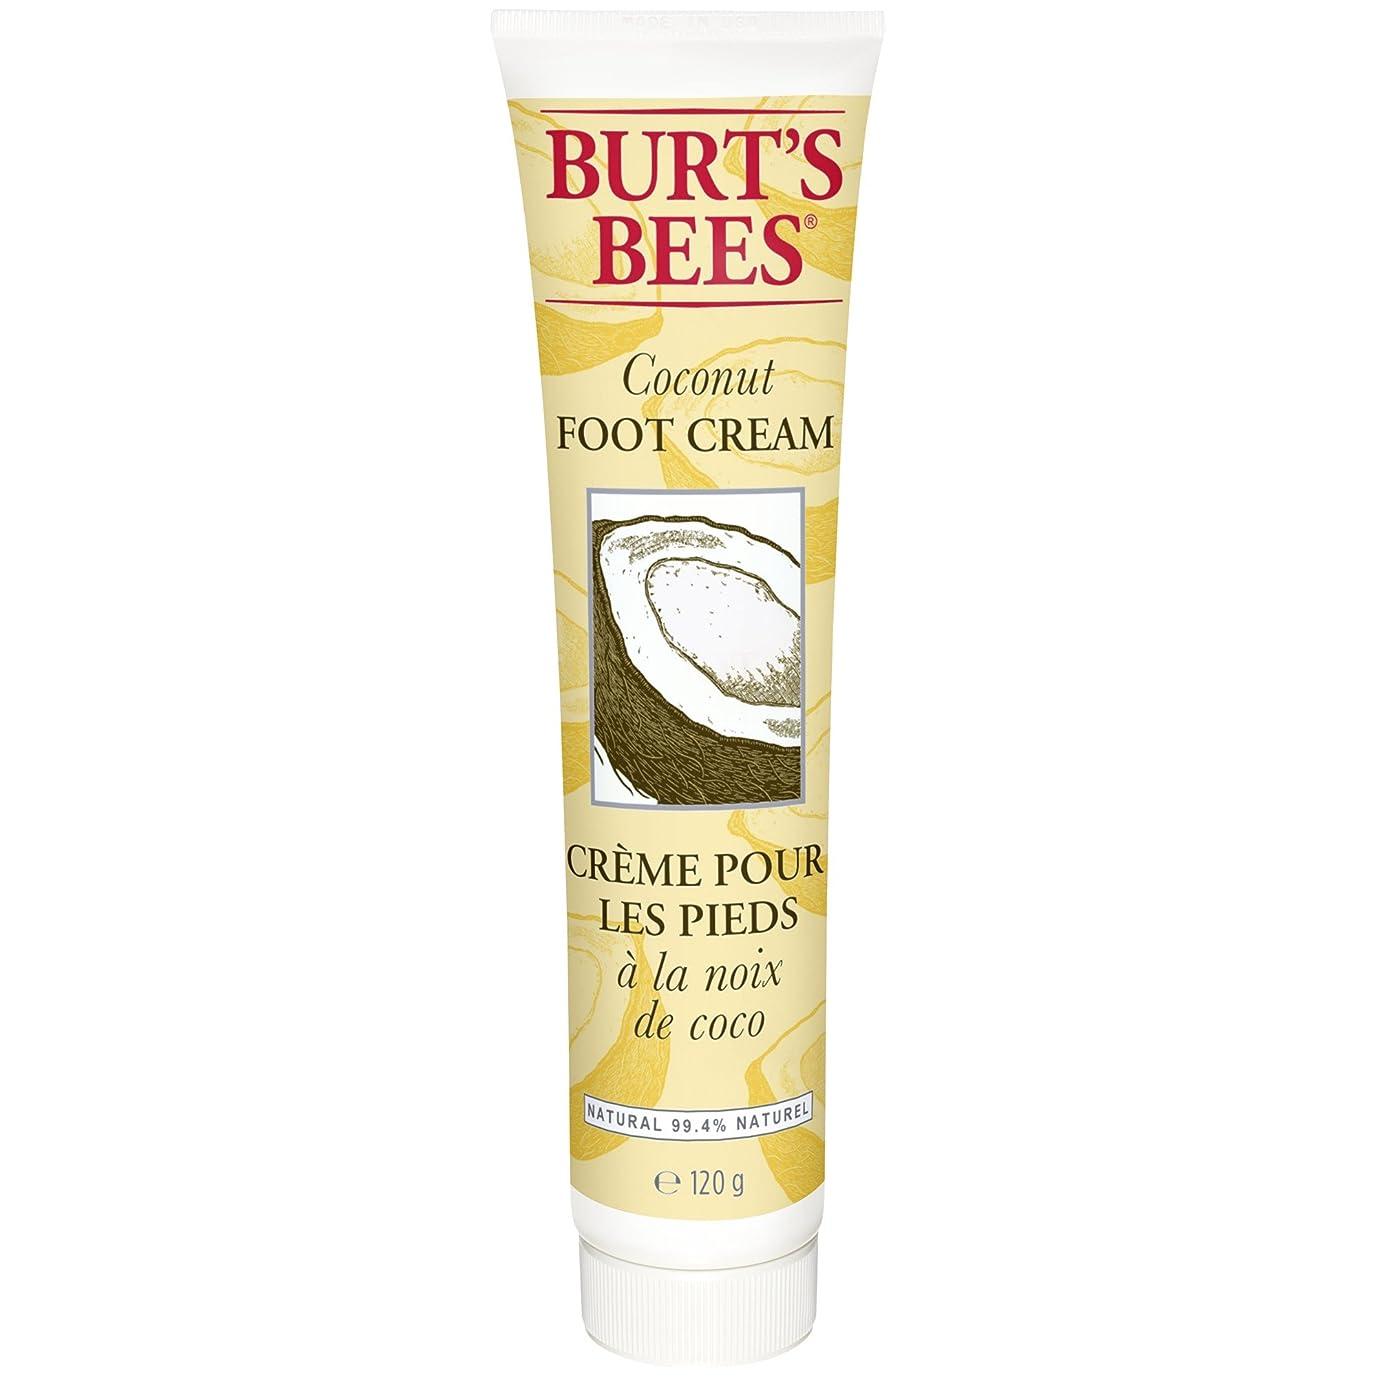 読者安心させる。バーツビーのココナッツフットクリーム123グラム (Burt's Bees) - Burt's Bees Coconut Foot Creme 123g [並行輸入品]